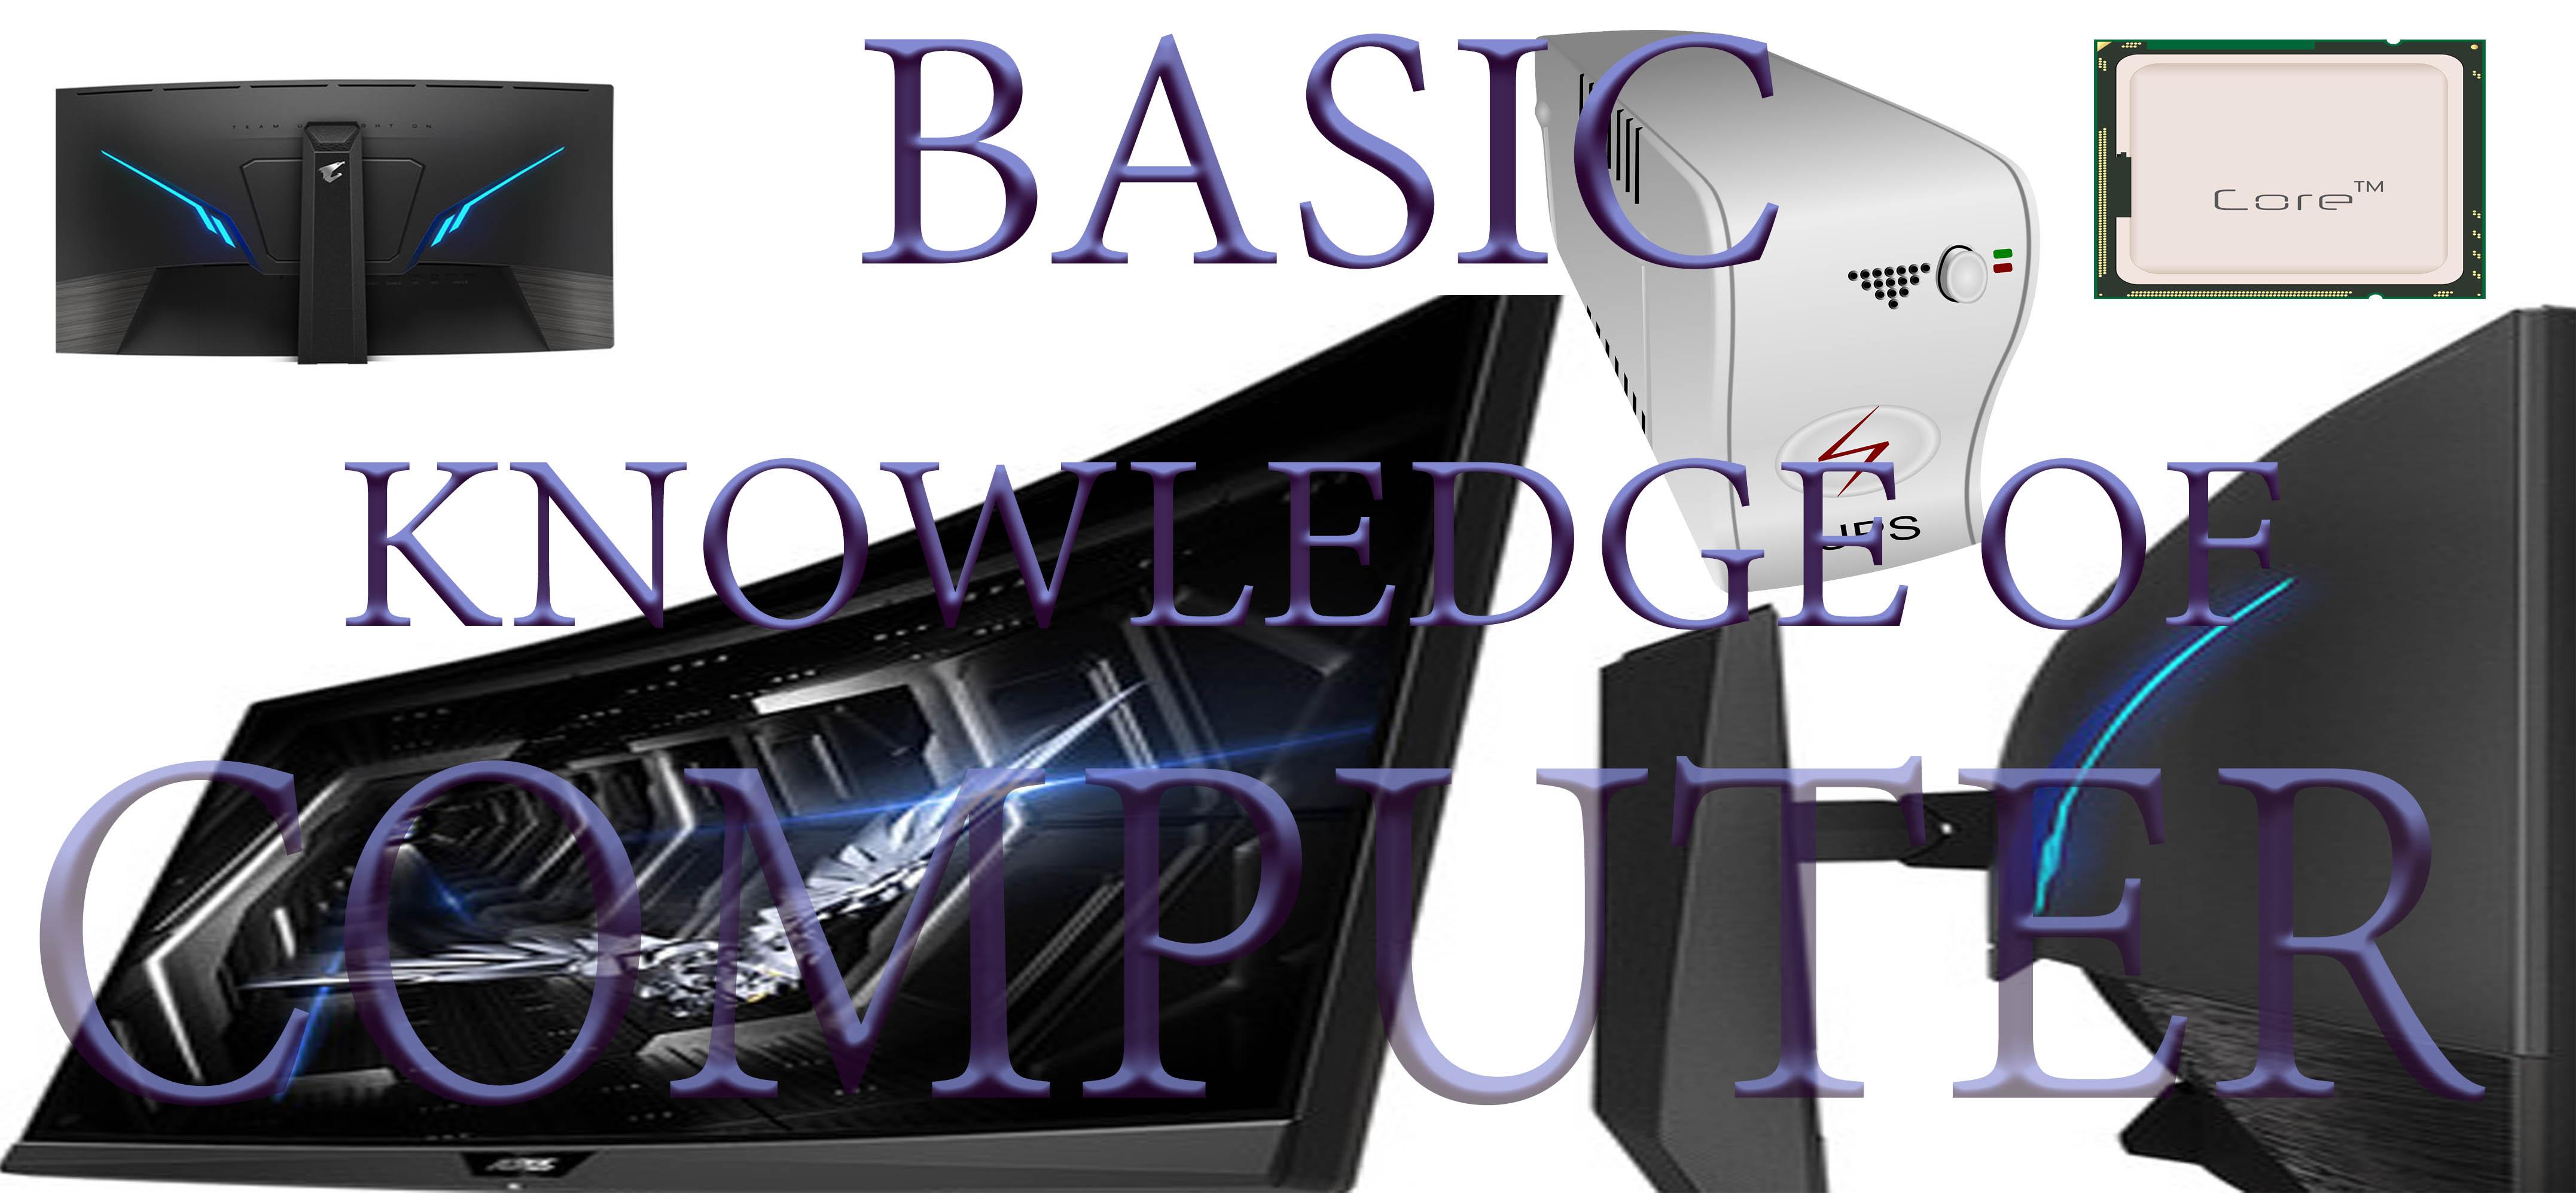 Computer Basic in Hindi | कंप्यूटर की बेसिक जानकारी